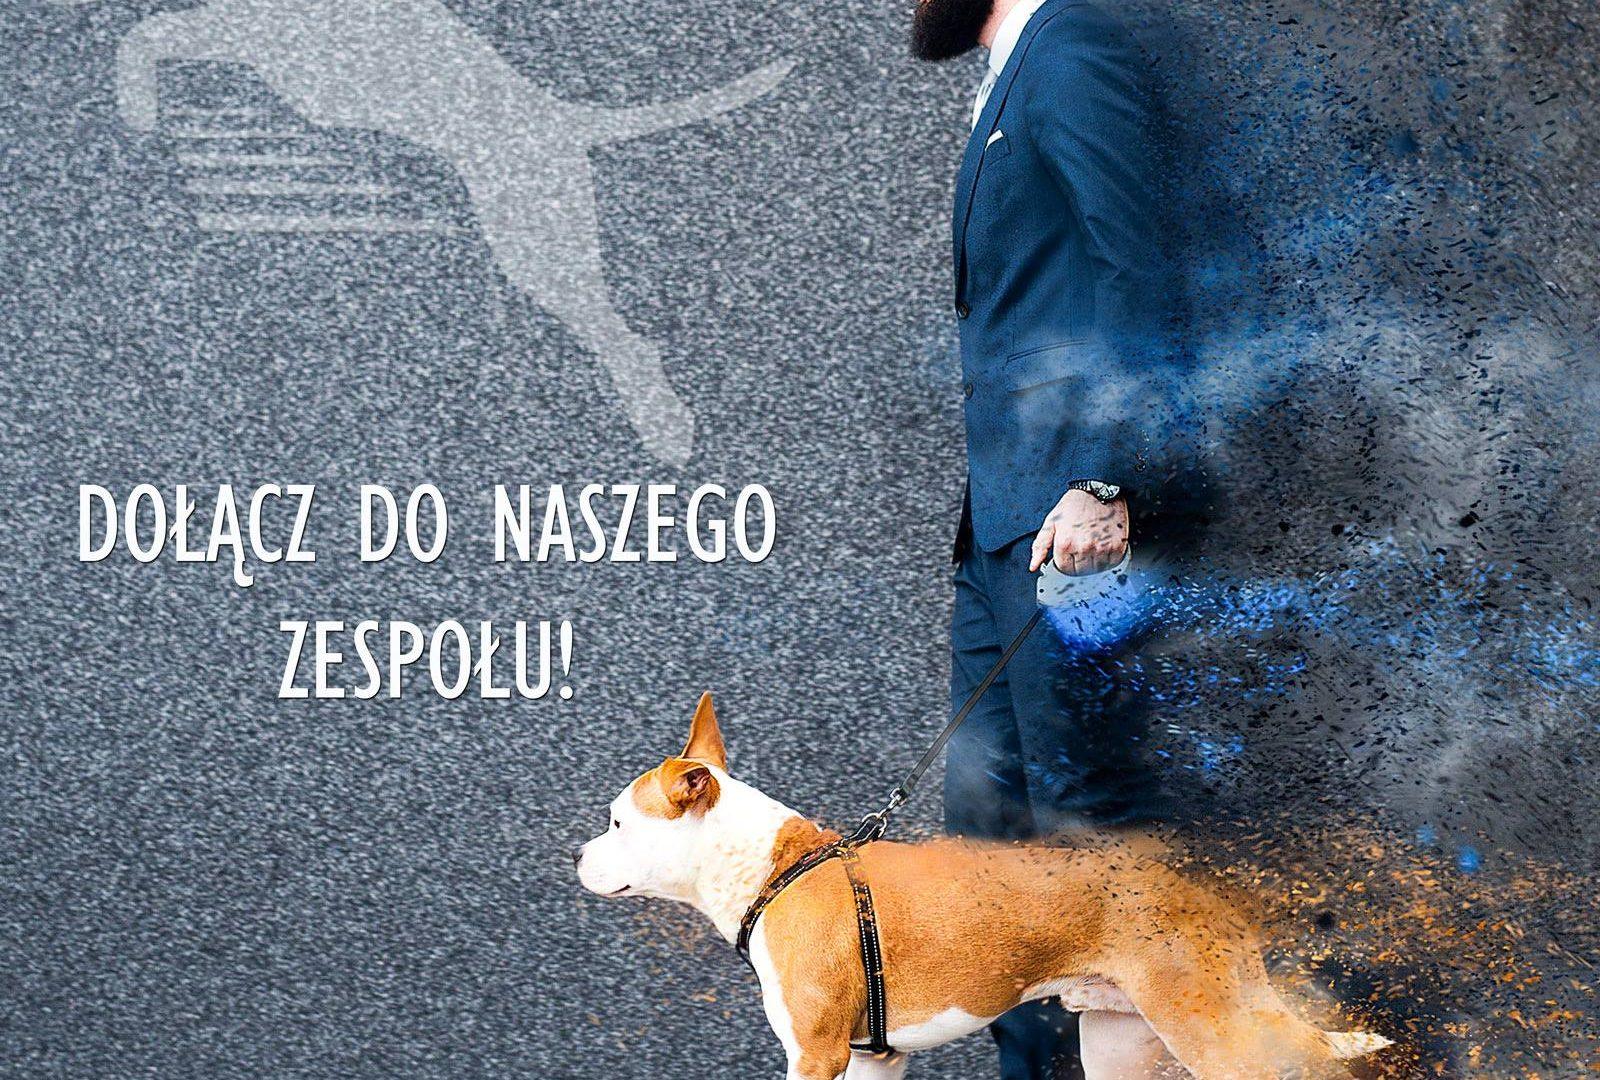 Game Dog Suplementy Dla Psów Profesjonalne Wsparcie Twojego Psa